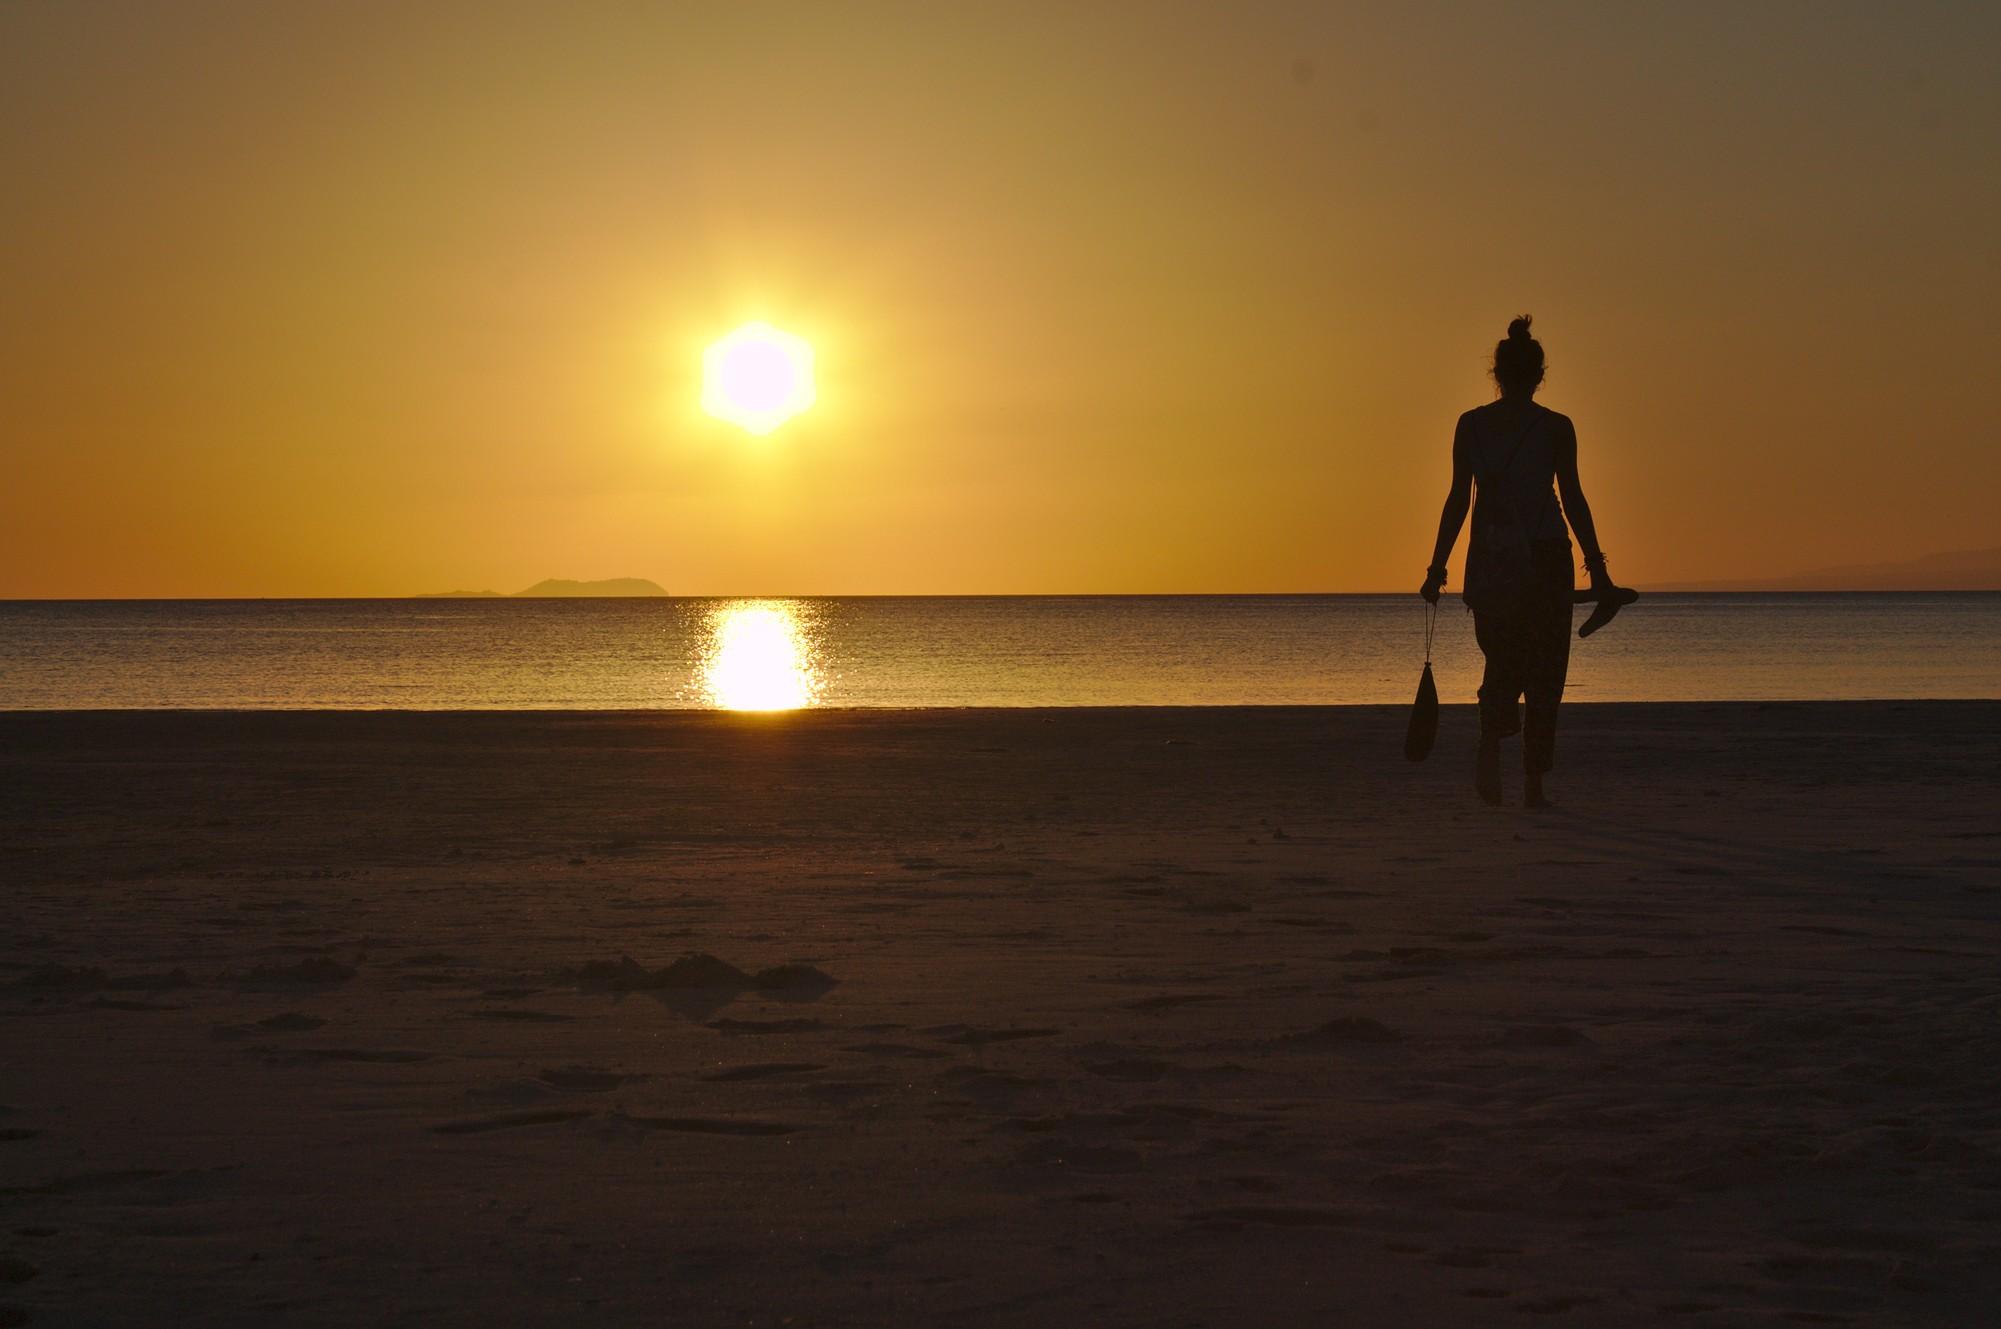 Tina at the beach during sunset